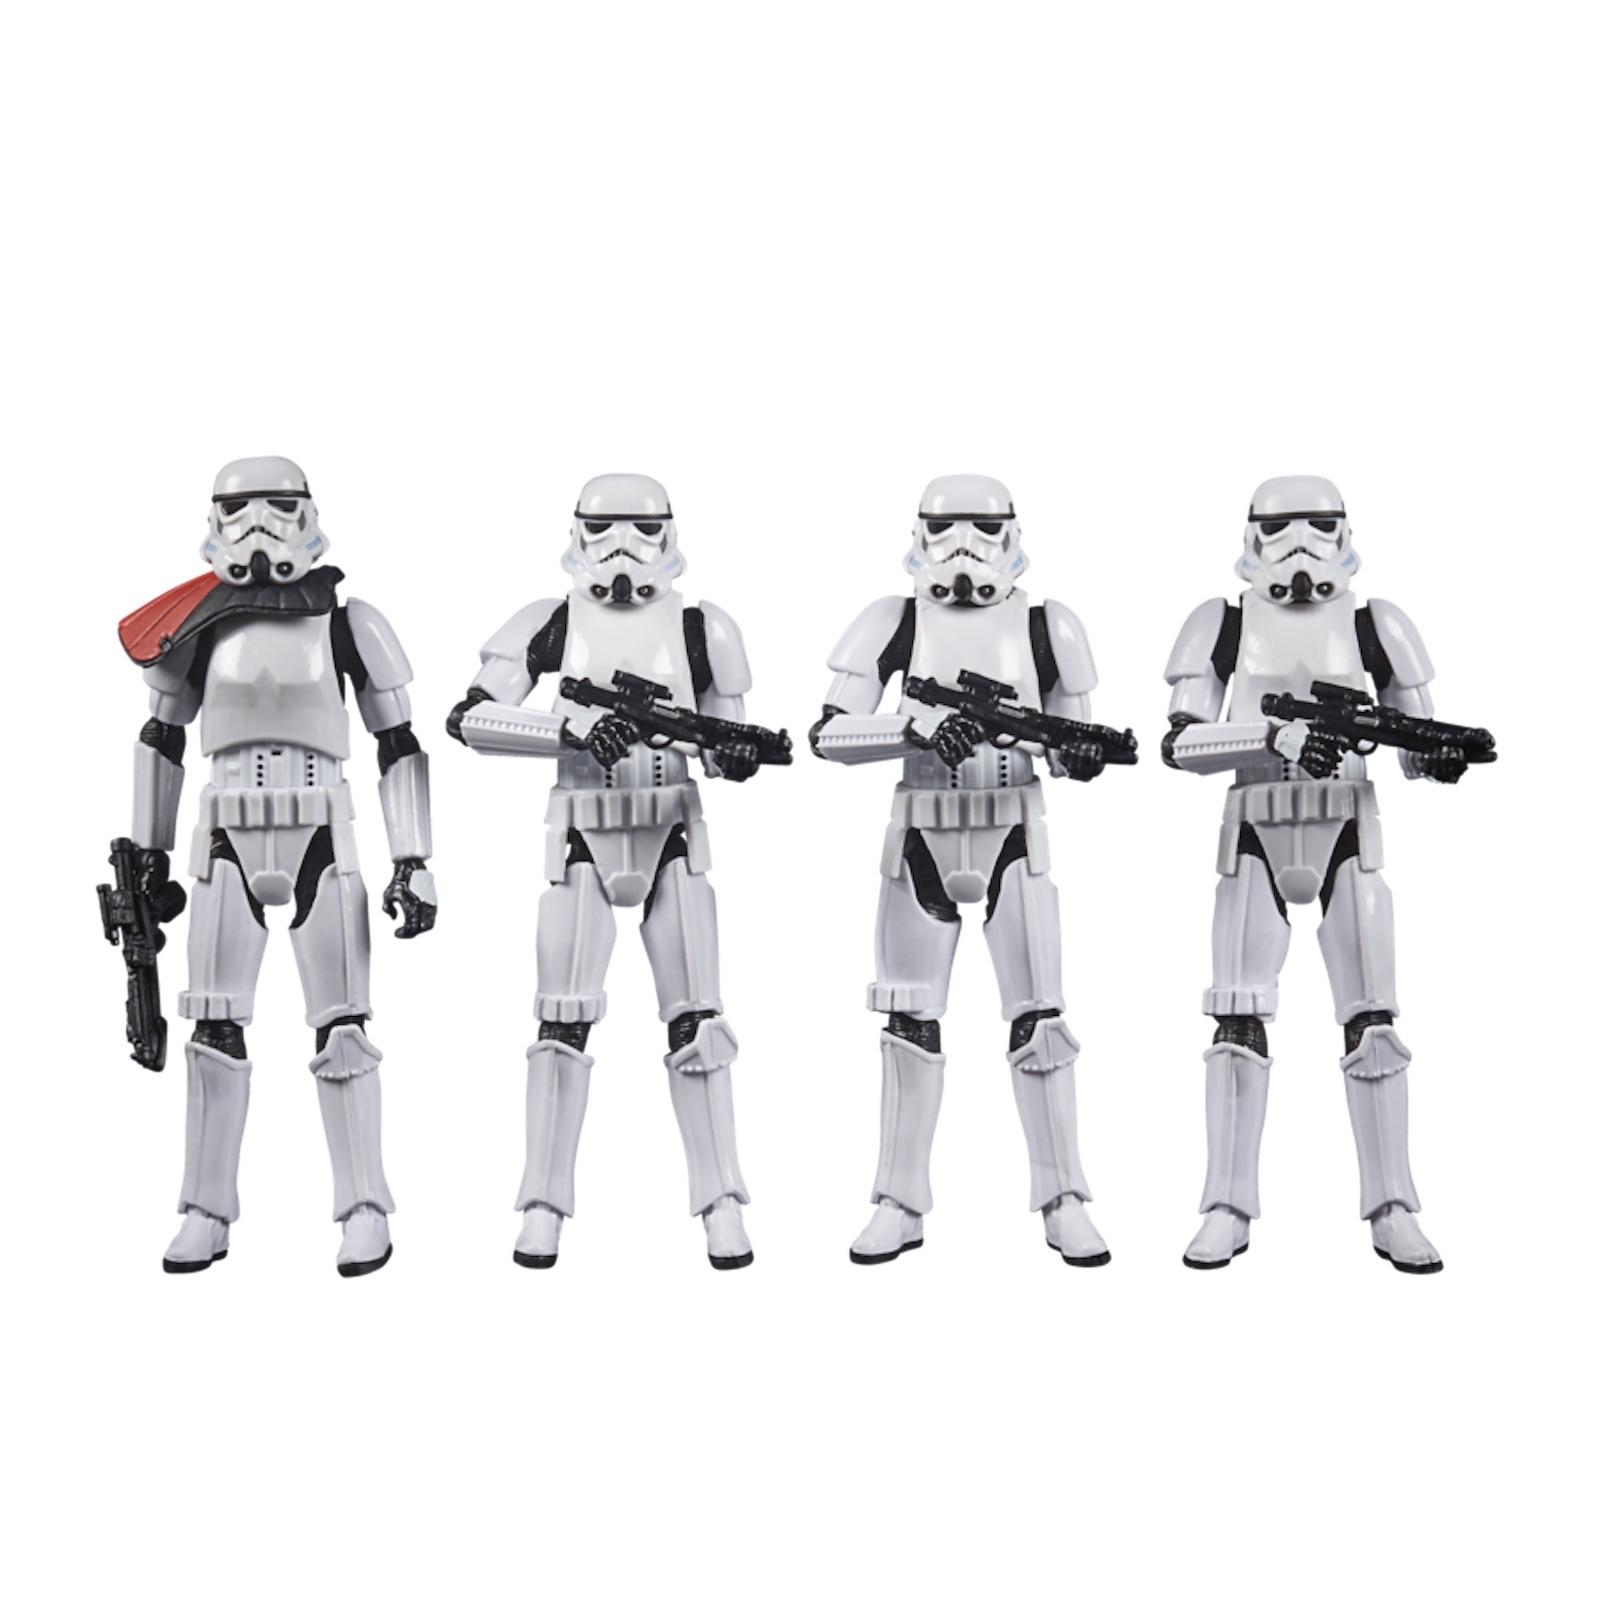 VC-Stormtrooper-4-Pack-Troop-Builder-Loose-2.jpg